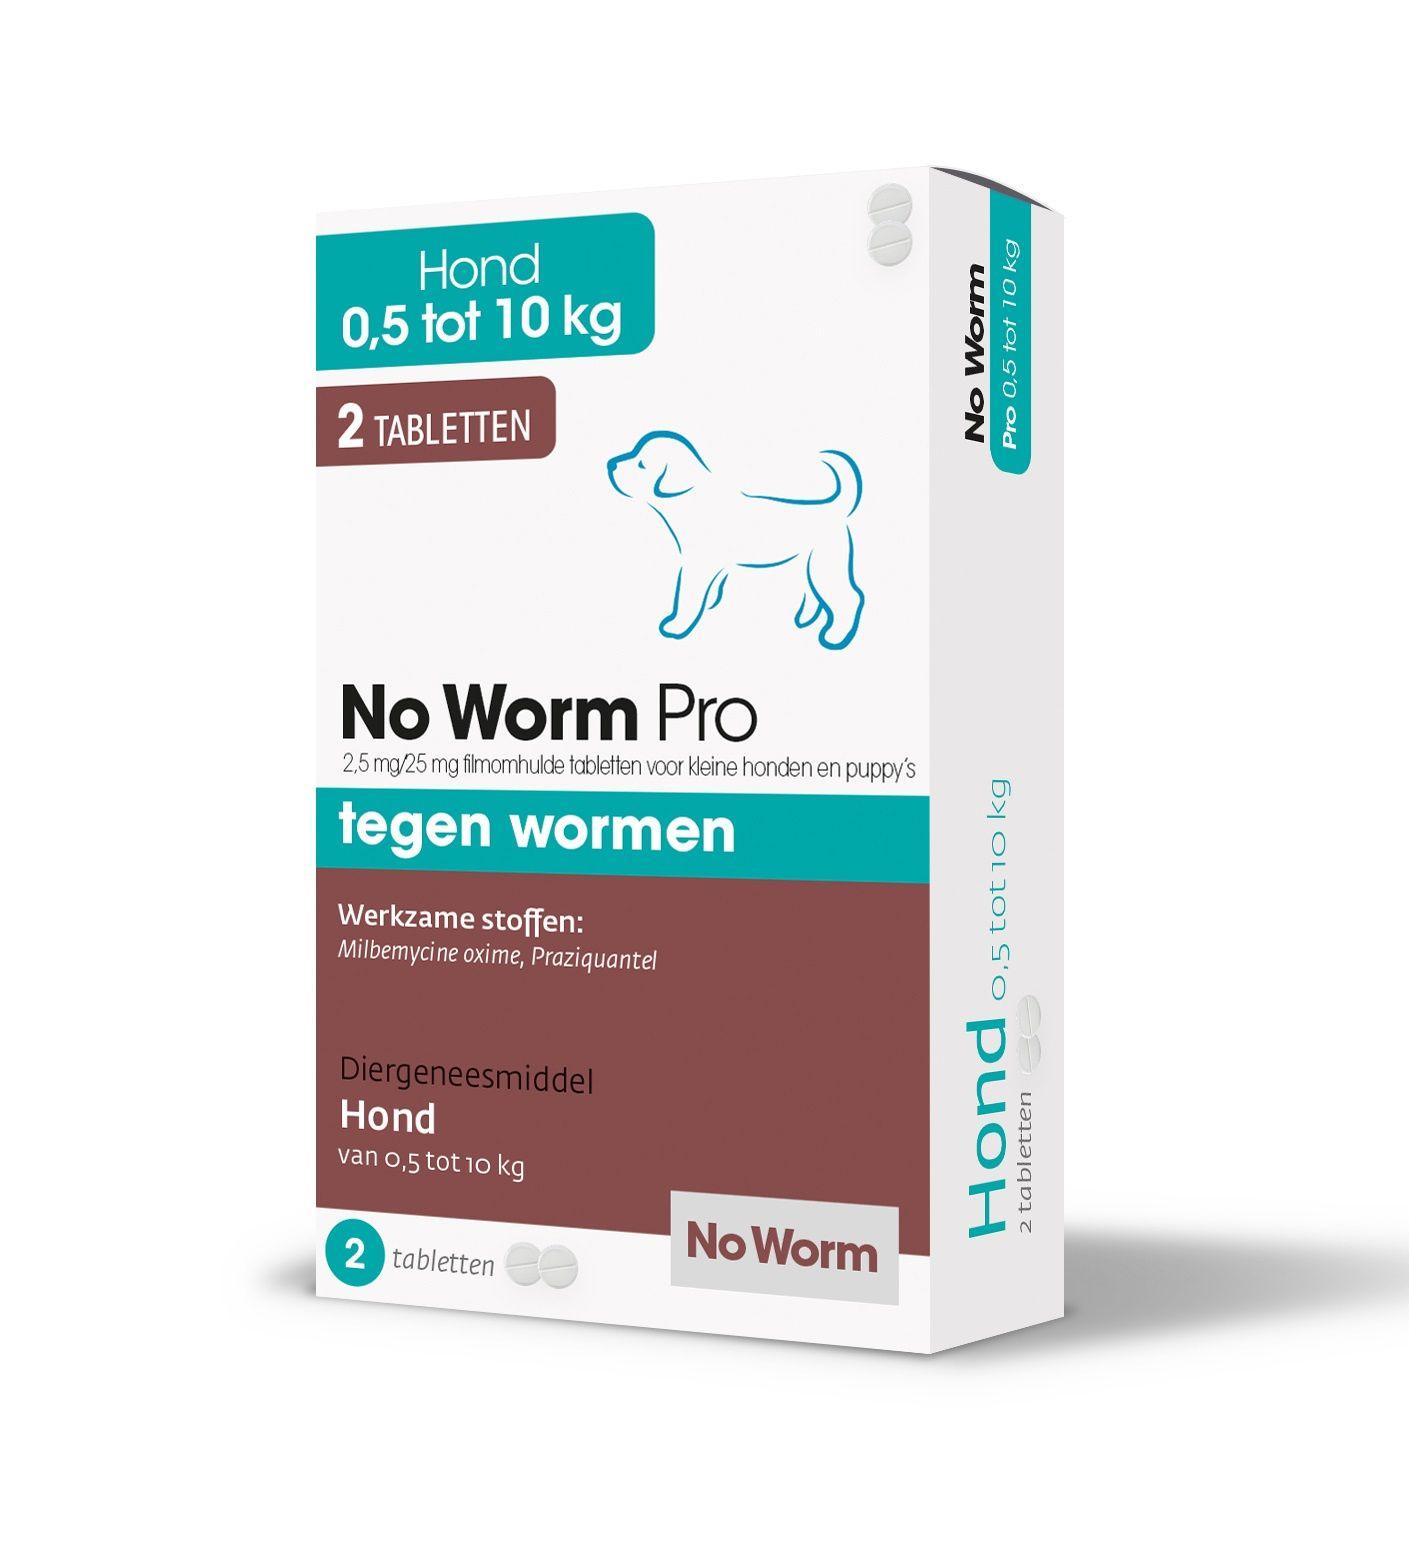 No Worm Pro wormtabletten voor kleine honden en puppy's 2 stuks